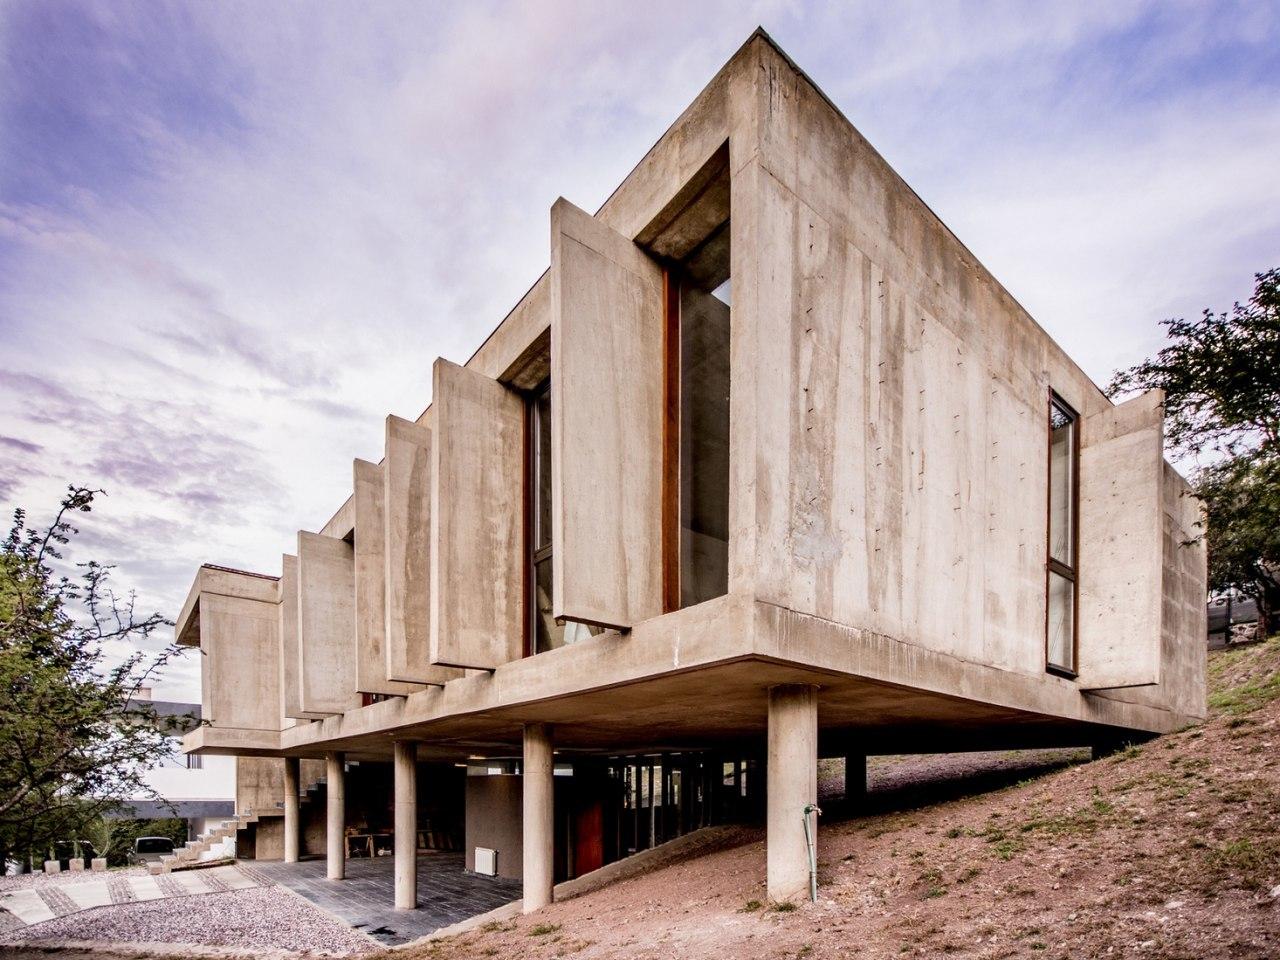 Casa en la Rufina / Santiago Carlos Viale, Daniella Beviglia